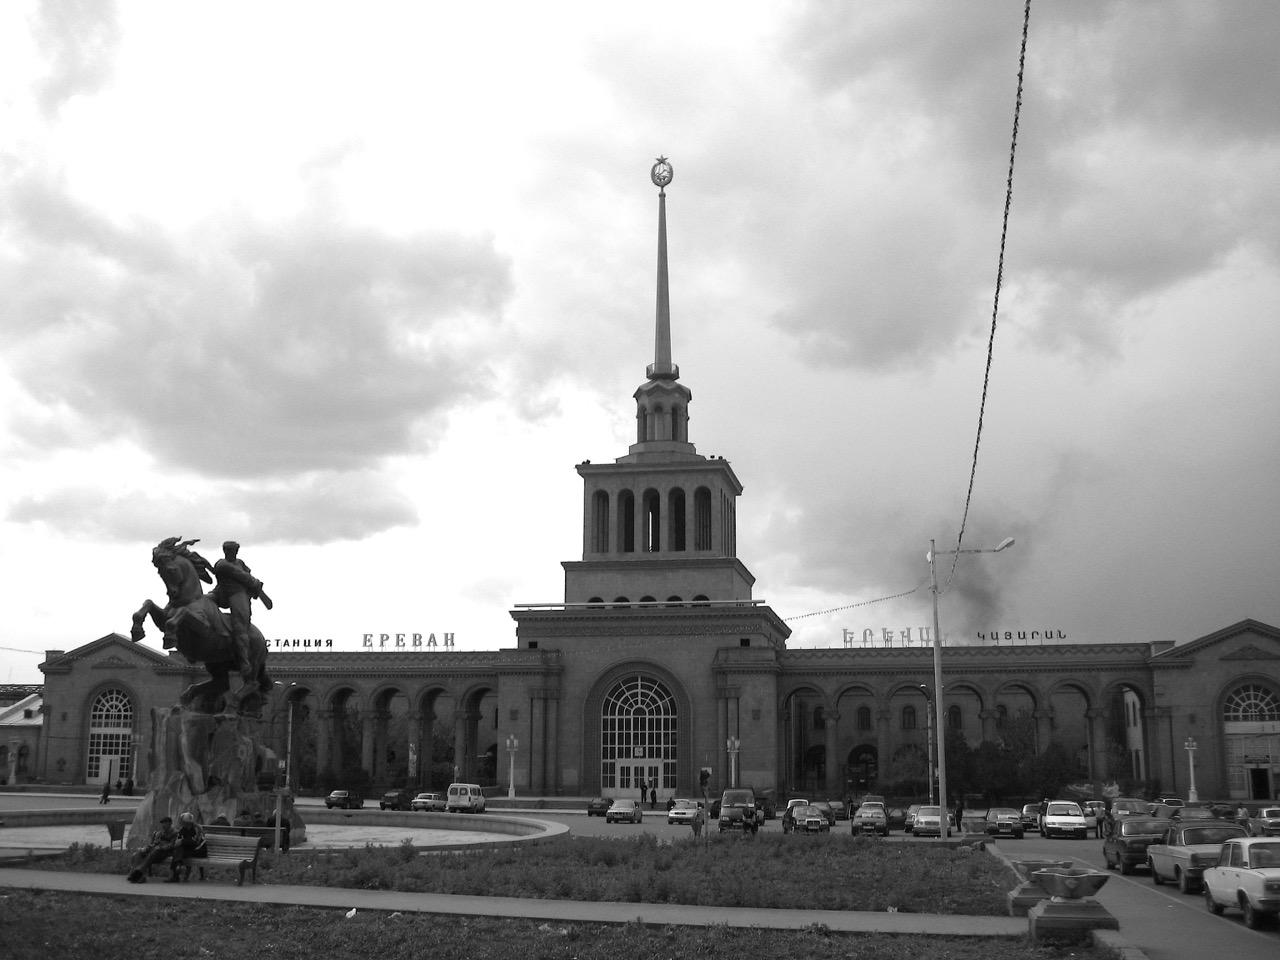 Foto: Hauptbahnhof Eriwan. Aus: Eriwan. Kapitel 1. Aufzeichnungen aus Armenien von Marc Degens.